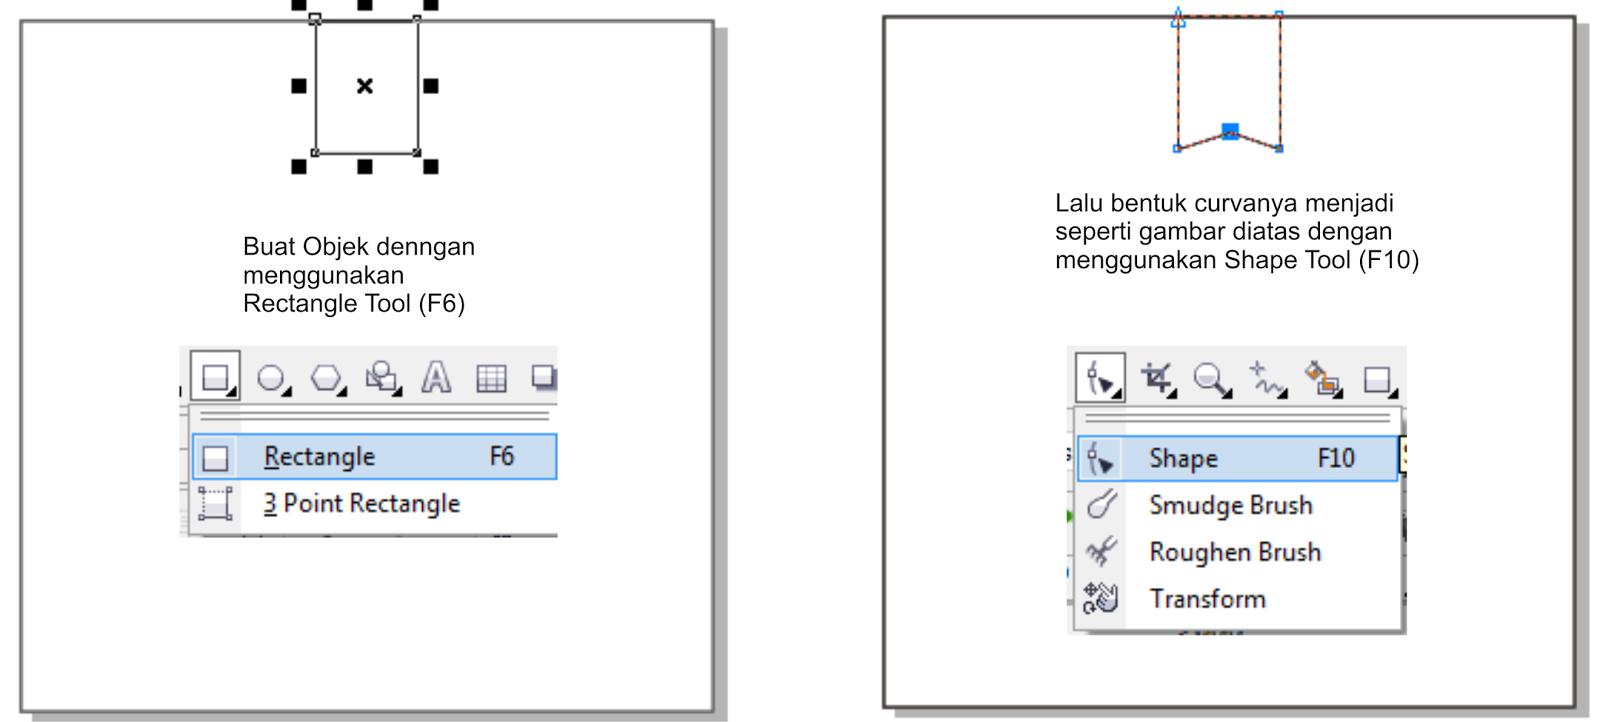 Cara Membuat Desain Tipografi dengan CorelDRAW | GUDINATION